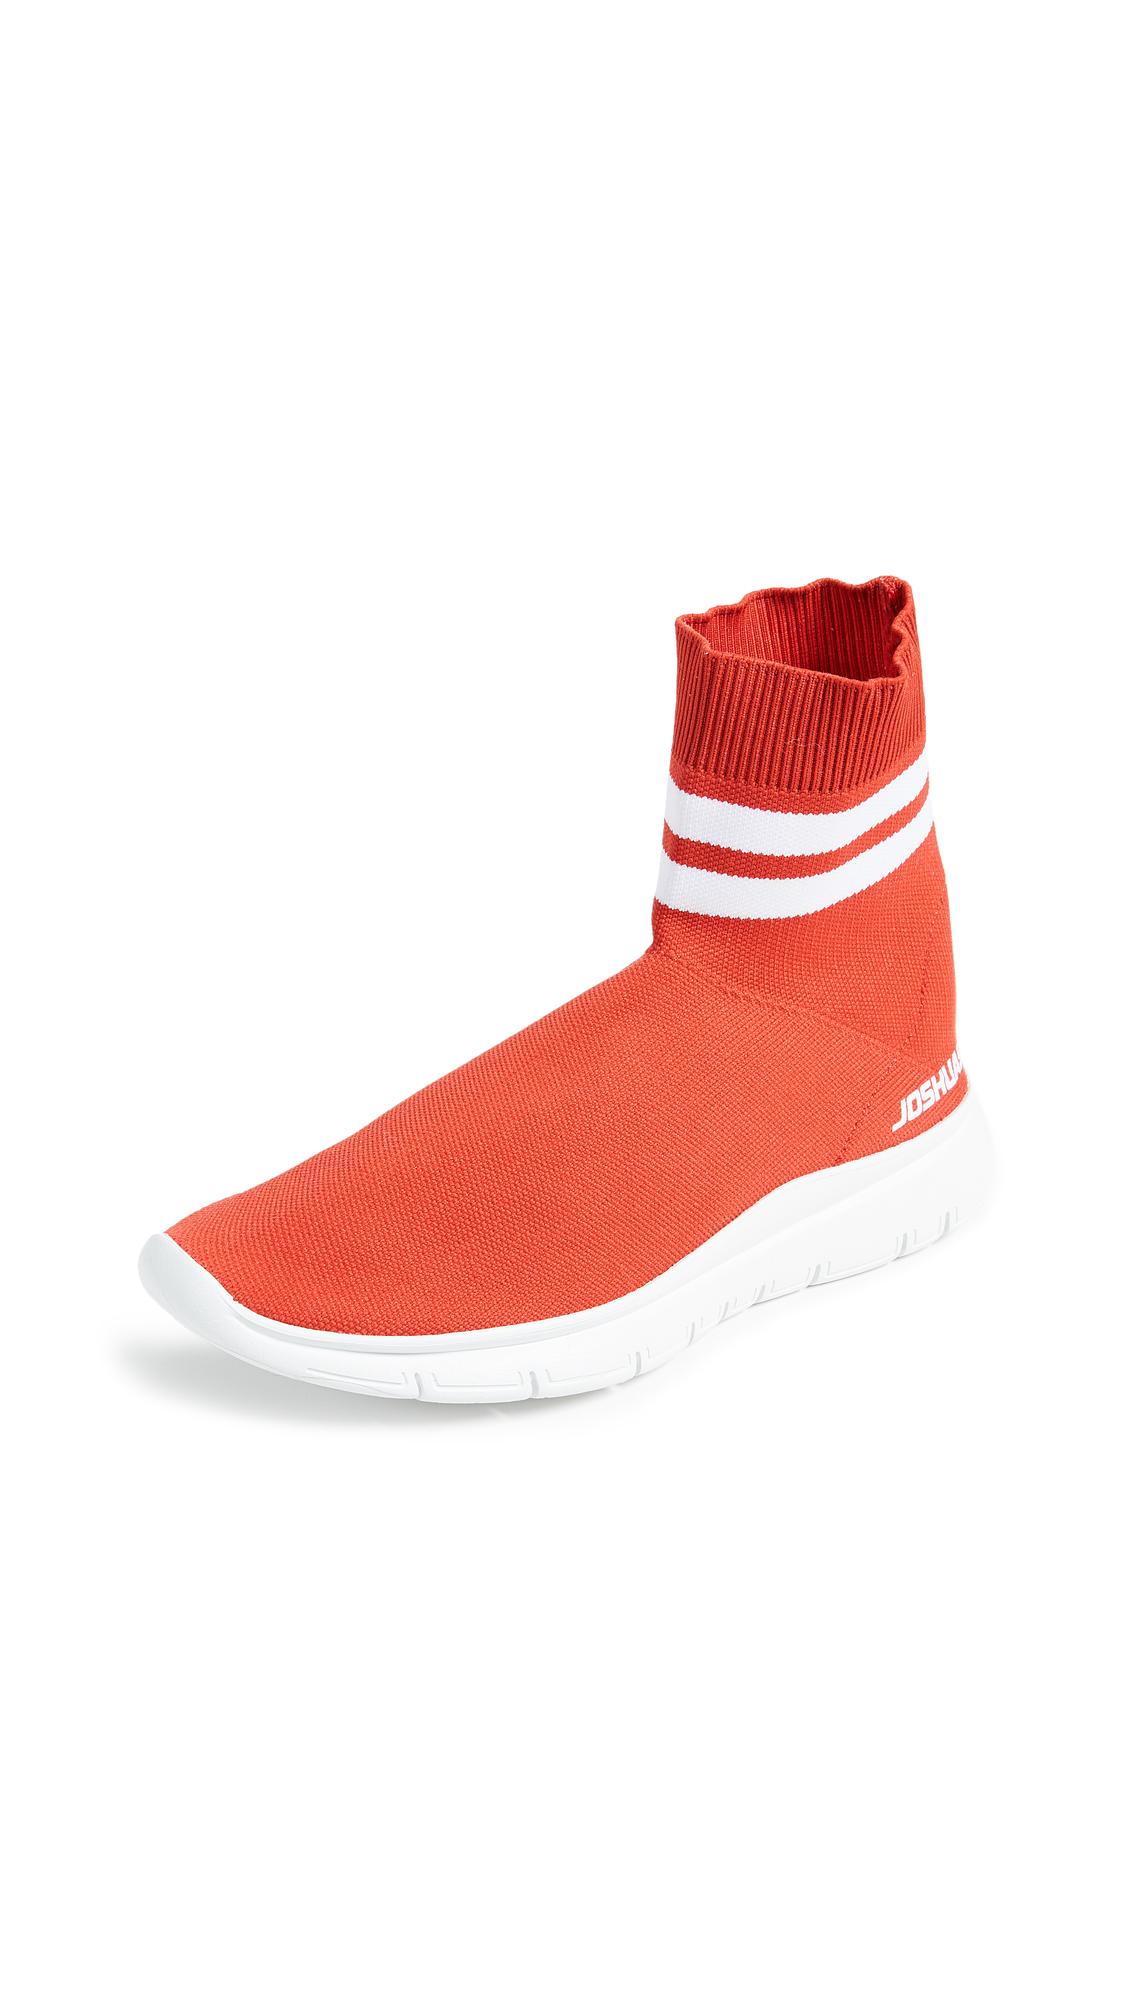 Joshua Sanders Jump Sock Booties - Red